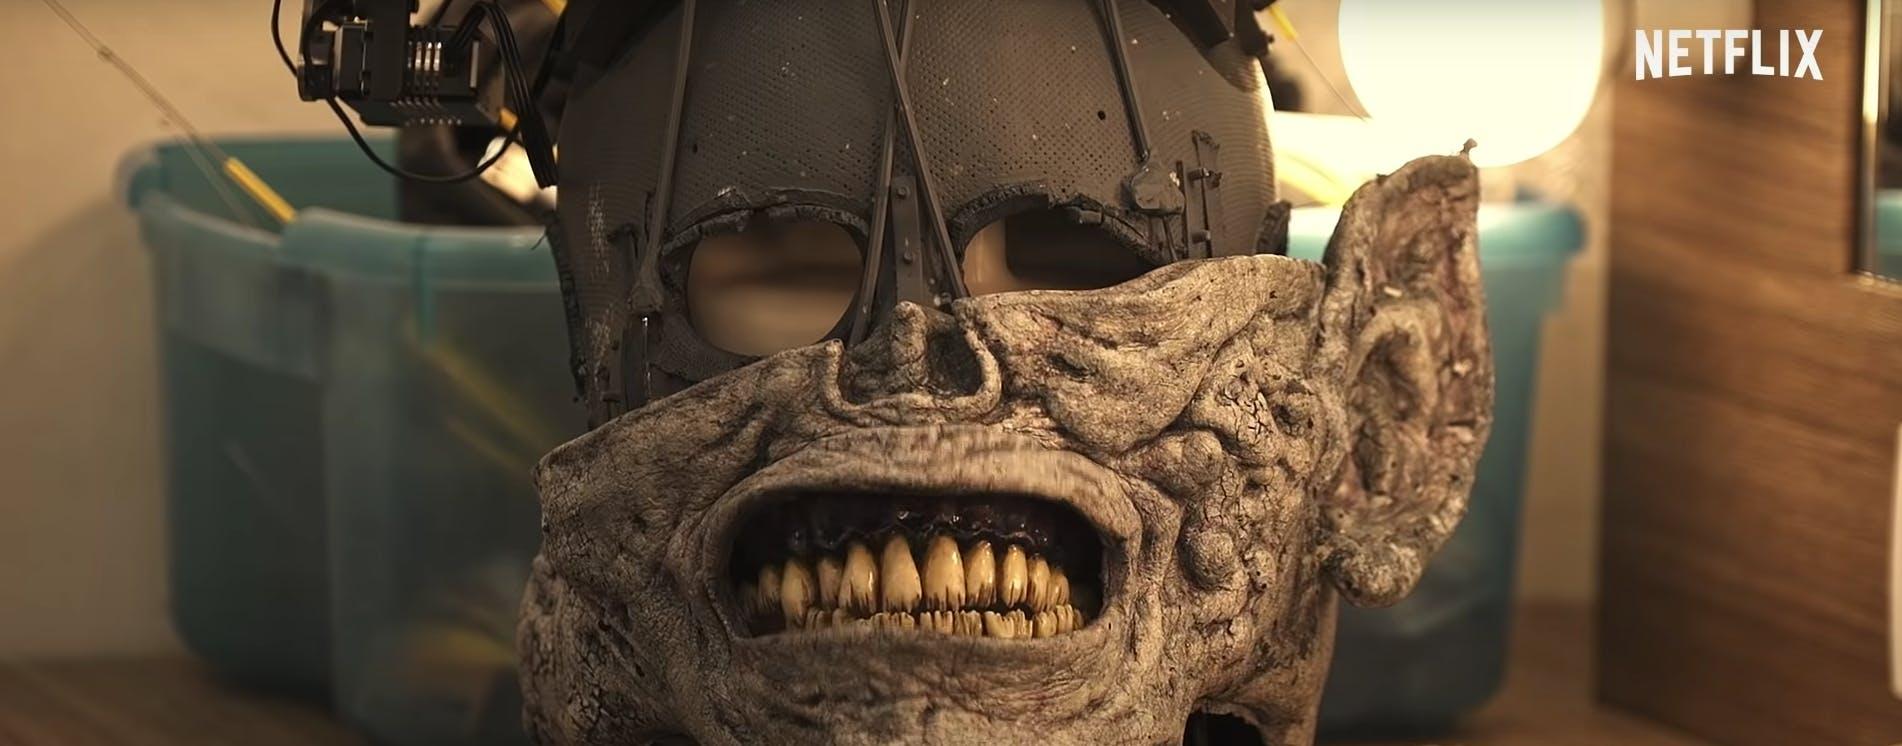 Blind monster animatronic head